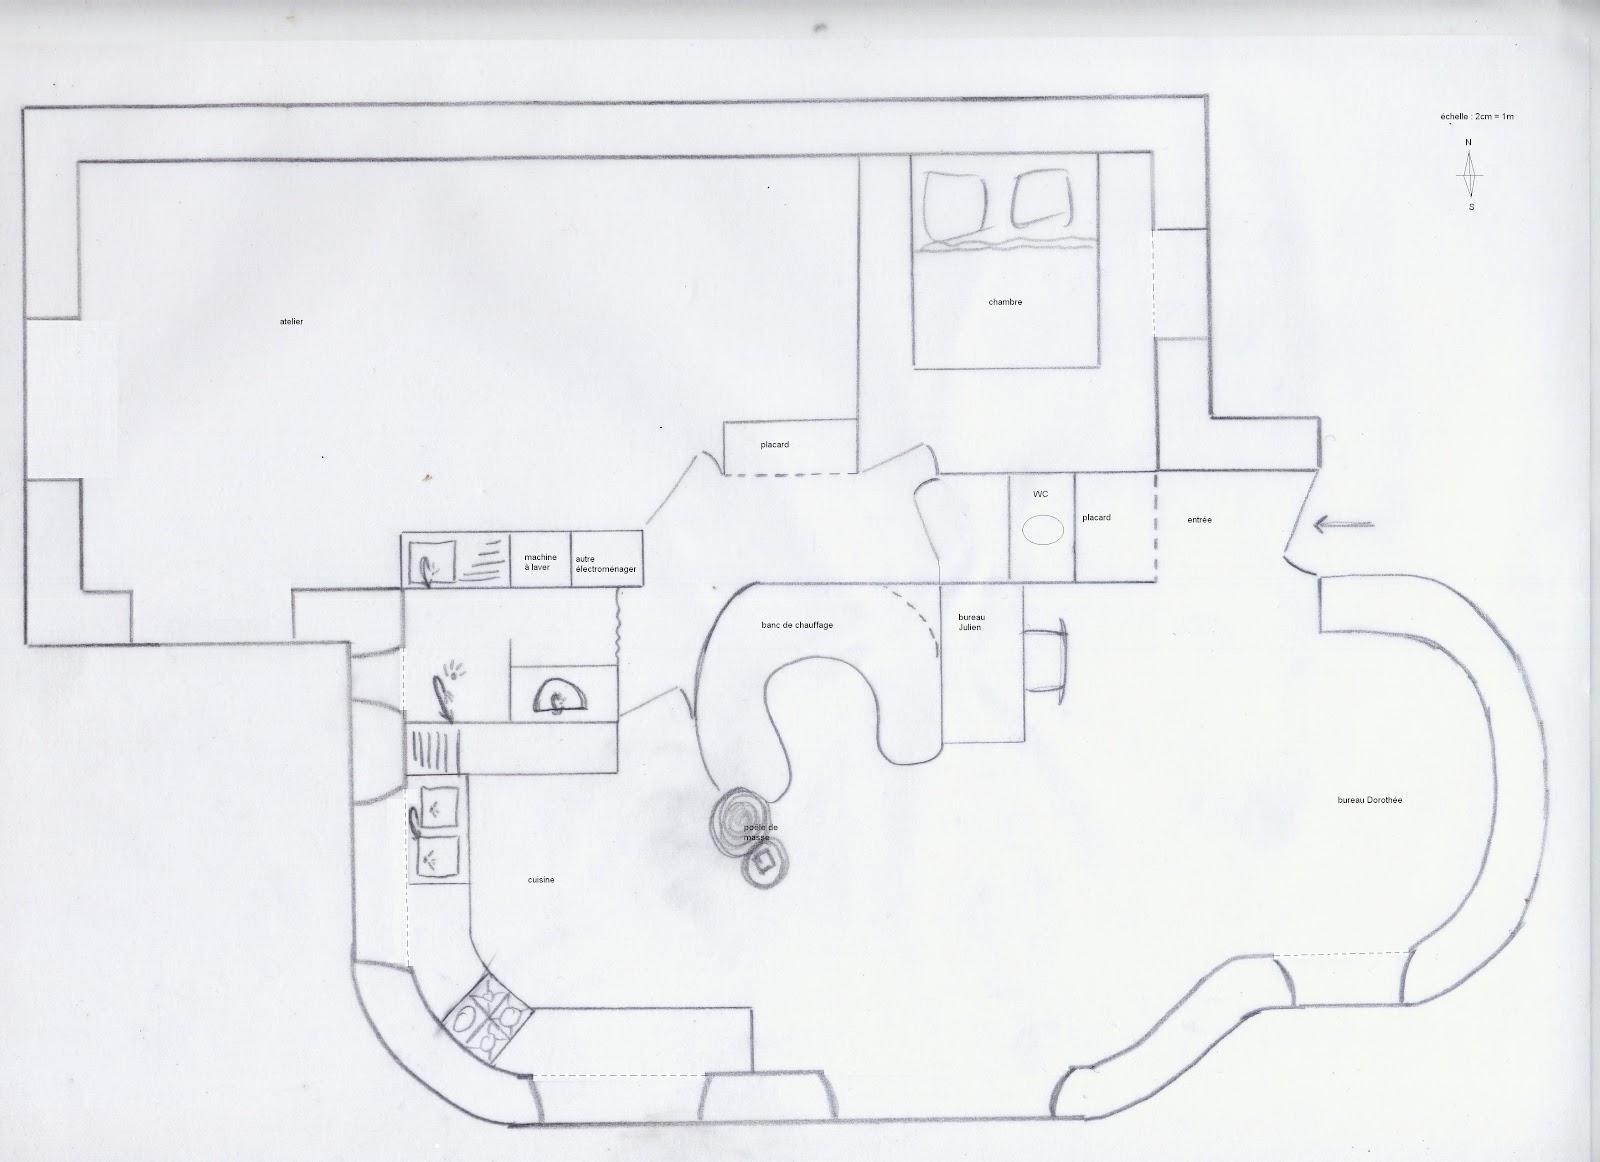 Dessiner plan electrique maison - Dessiner les plans de sa maison ...